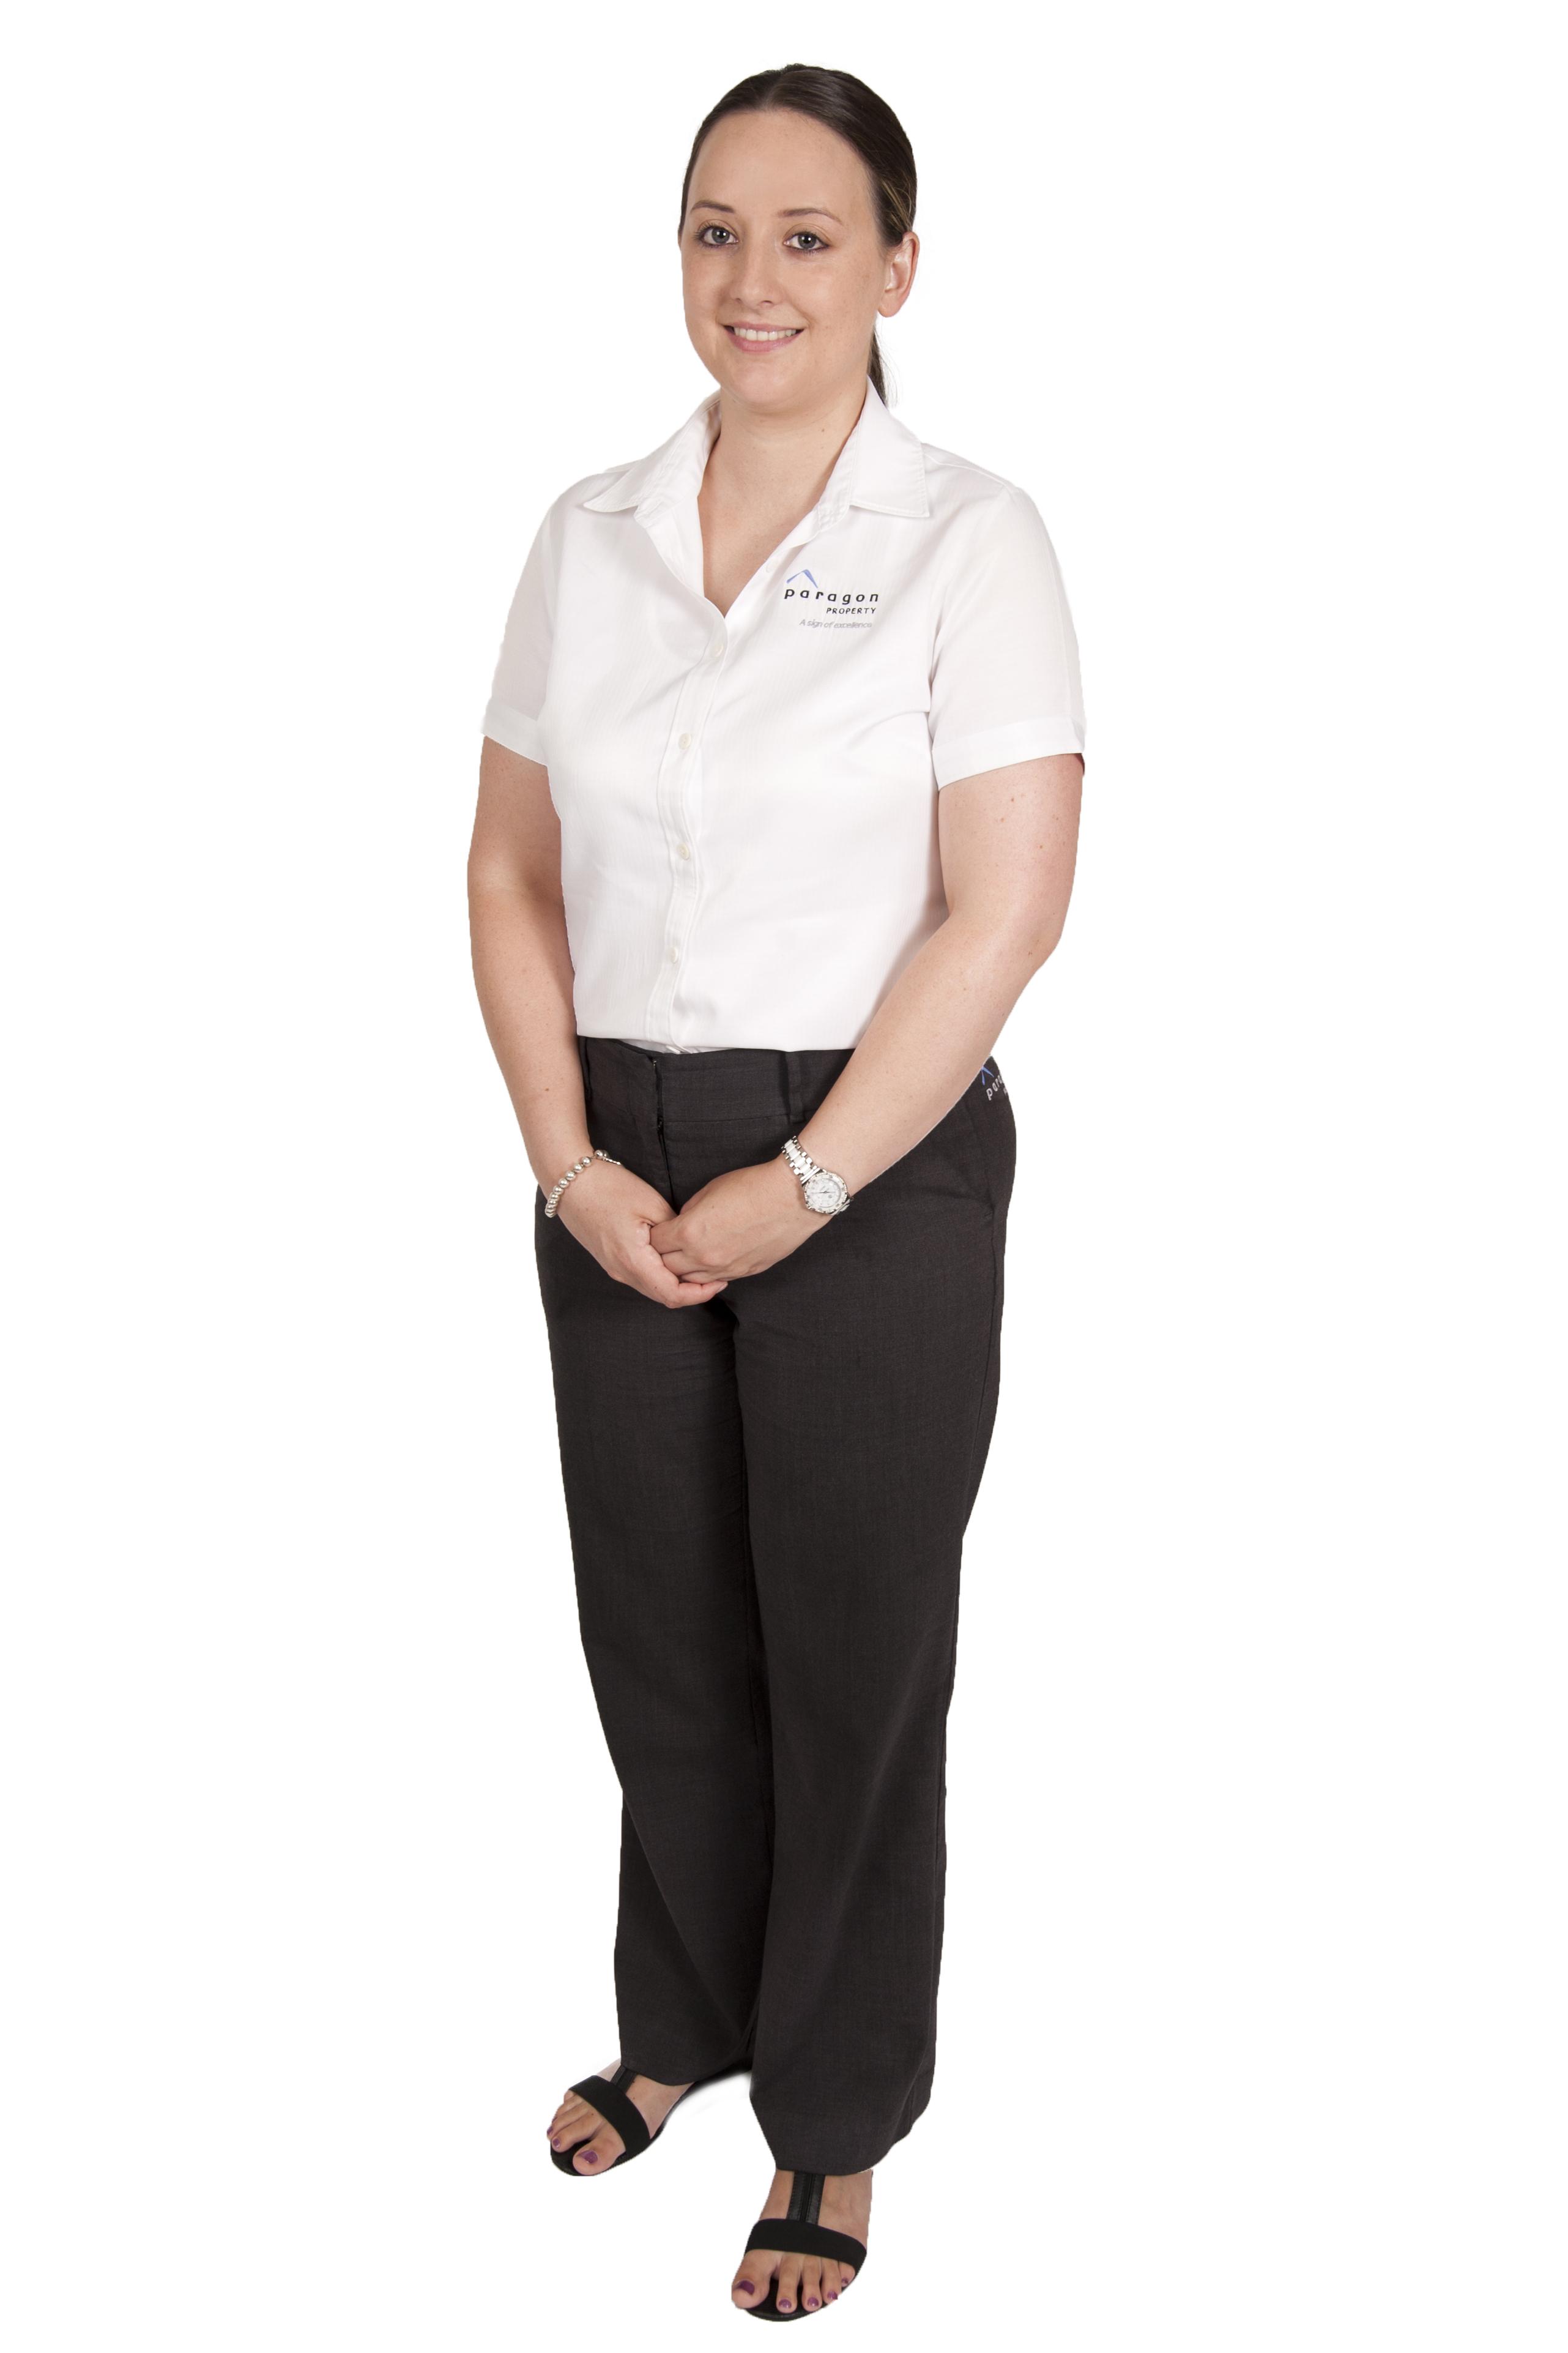 Anita Moscardini